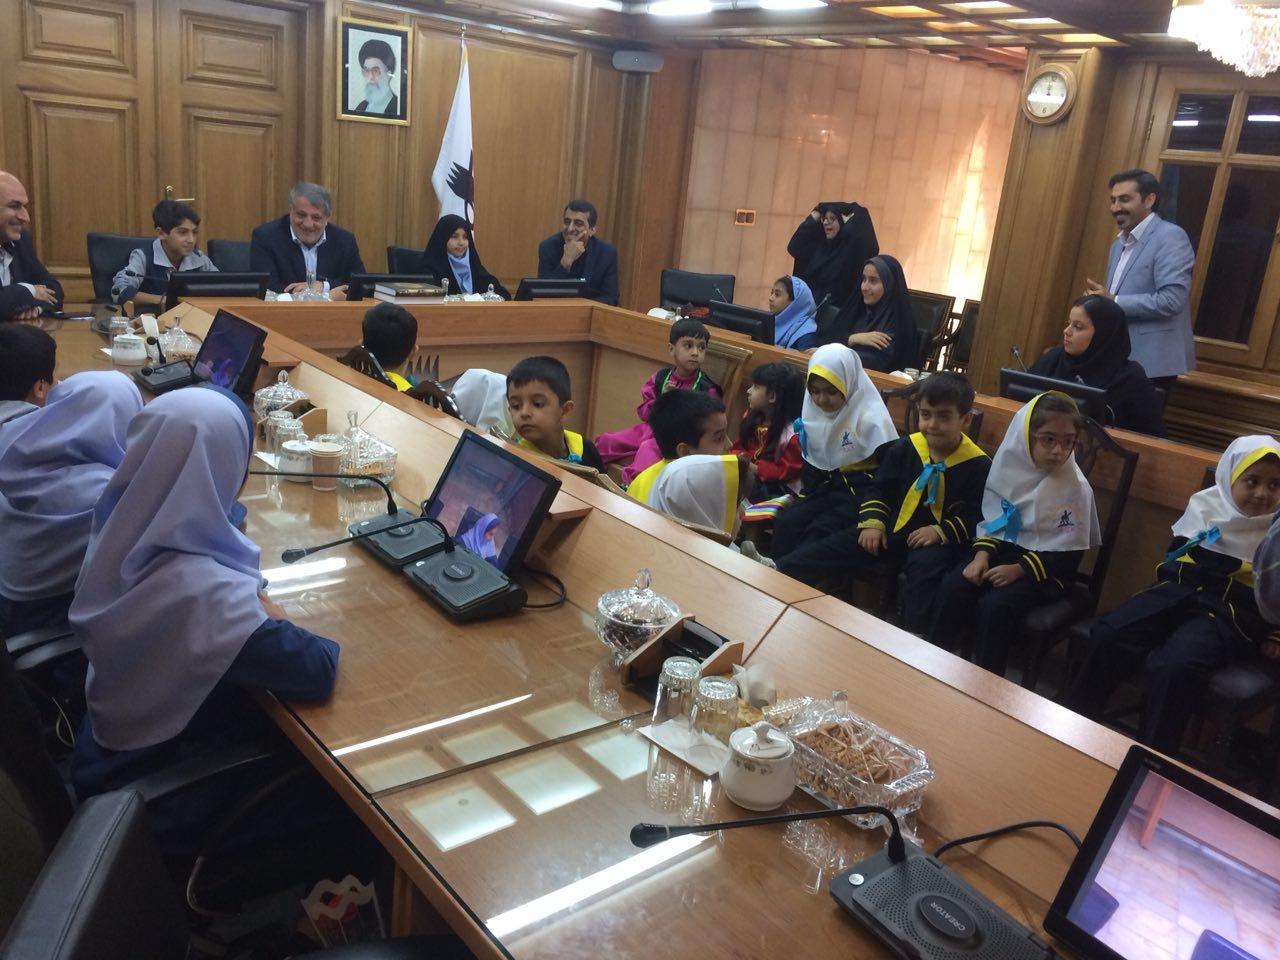 حضور کودکان در شورای شهر تهران + عکس